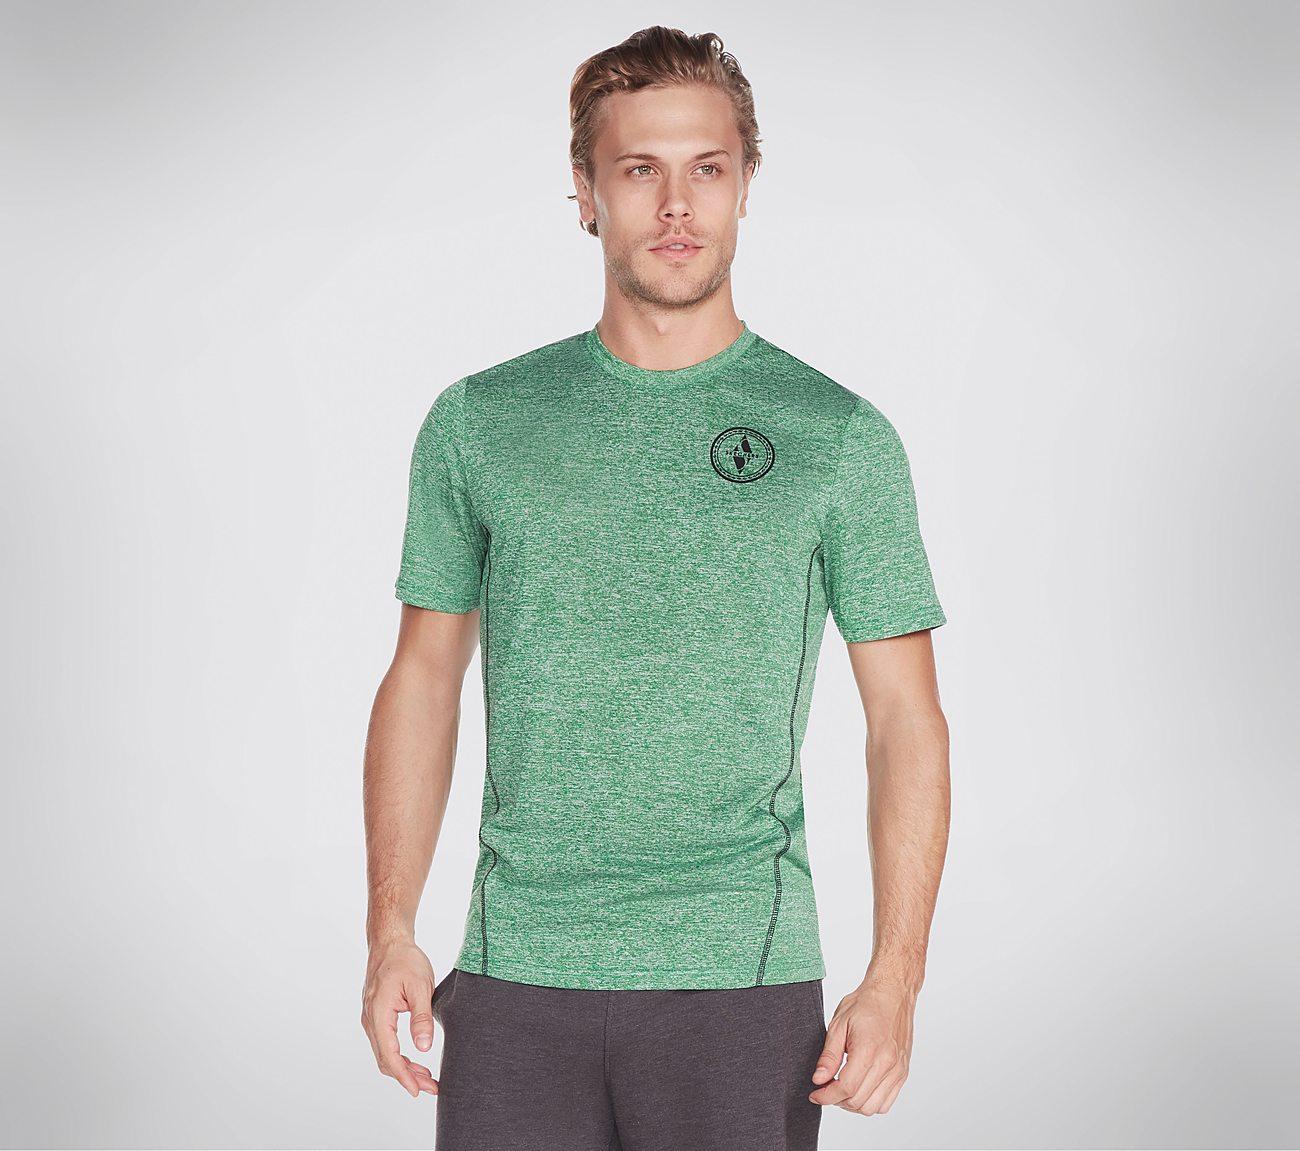 Skechers Apparel Energy Tech Tee Shirt